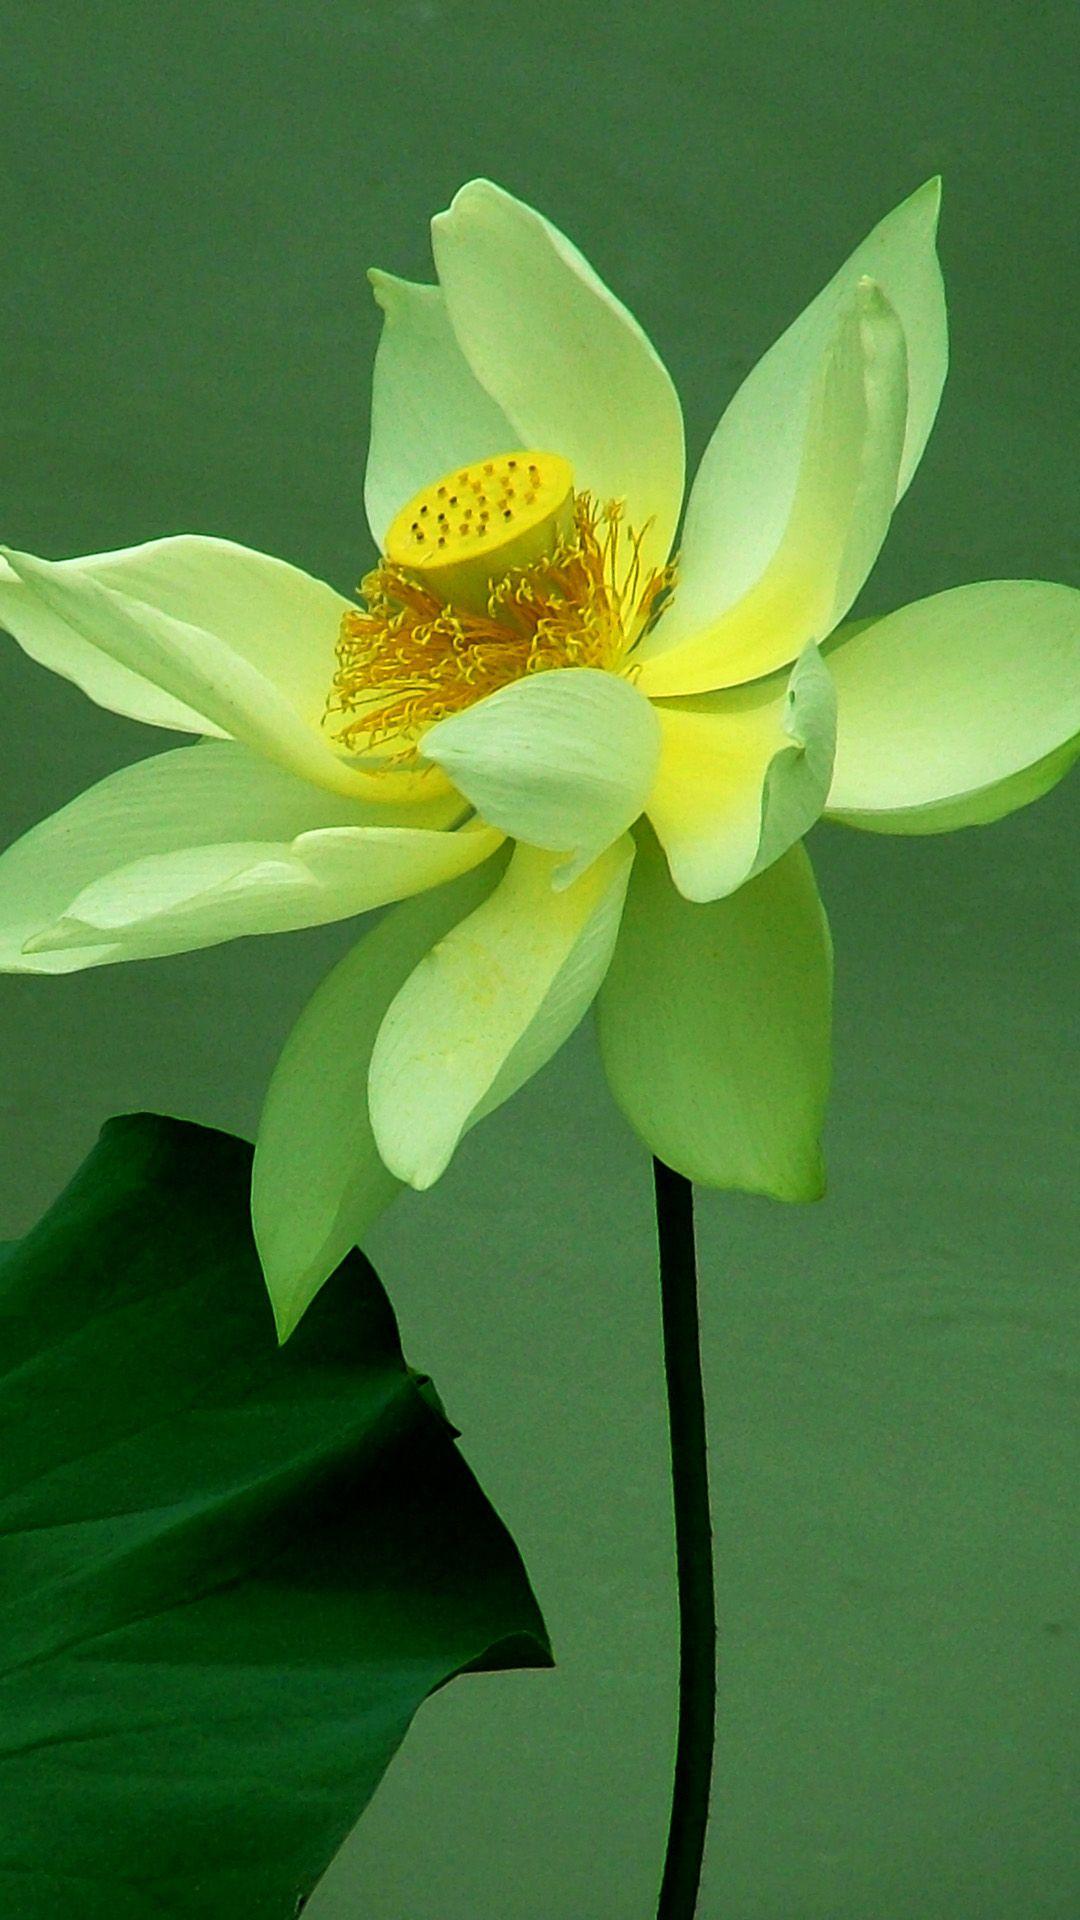 Ảnh hoa sen xanh hiếm